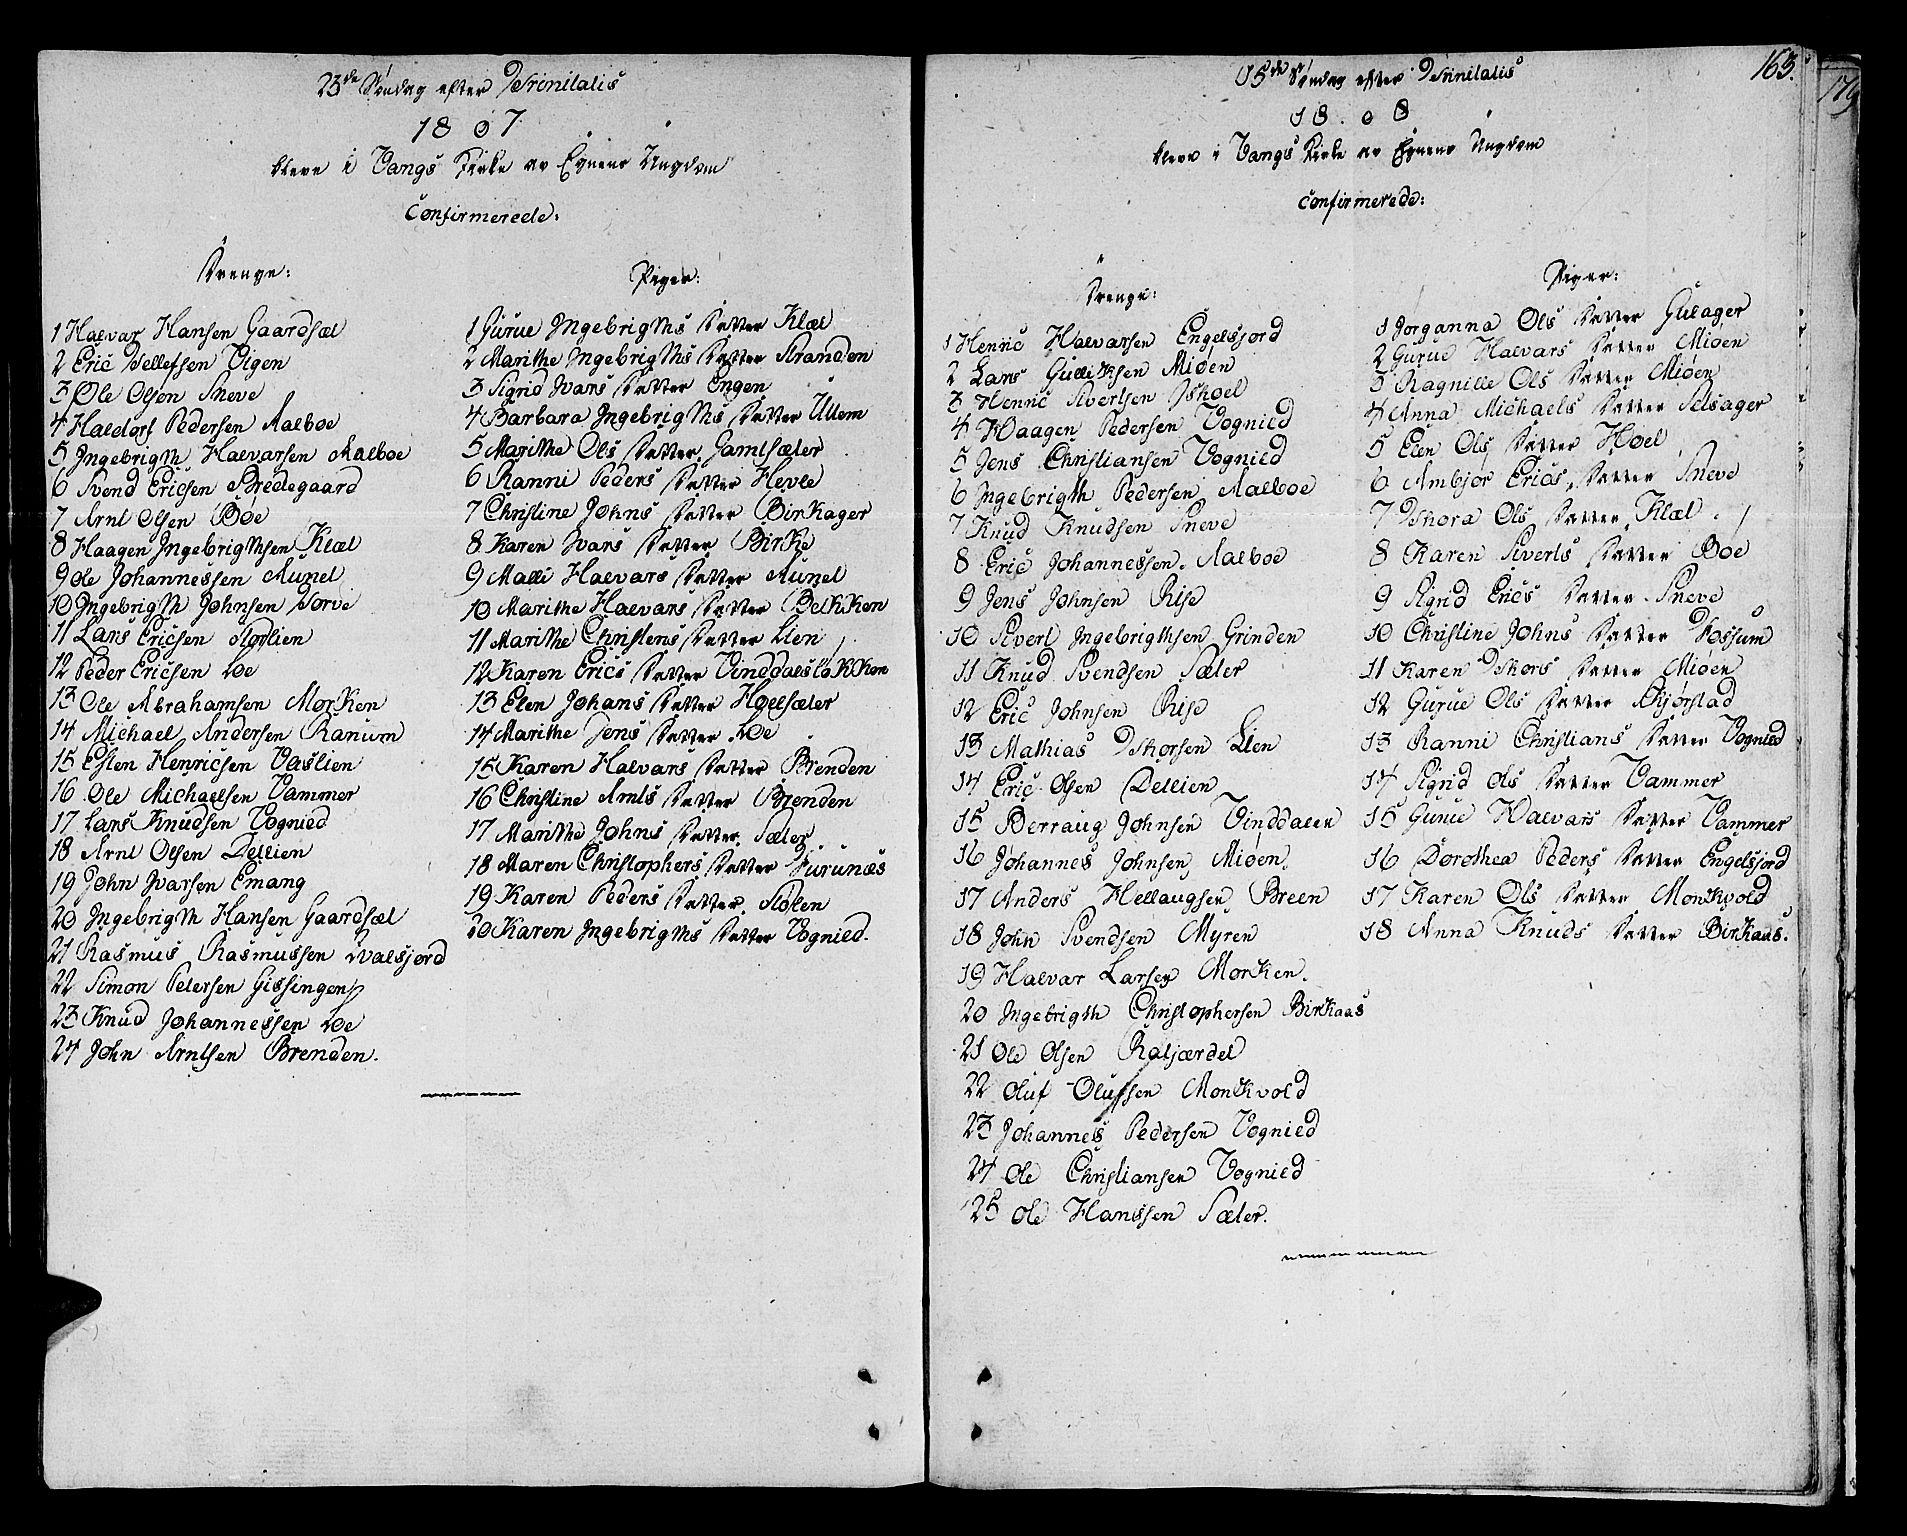 SAT, Ministerialprotokoller, klokkerbøker og fødselsregistre - Sør-Trøndelag, 678/L0894: Ministerialbok nr. 678A04, 1806-1815, s. 163